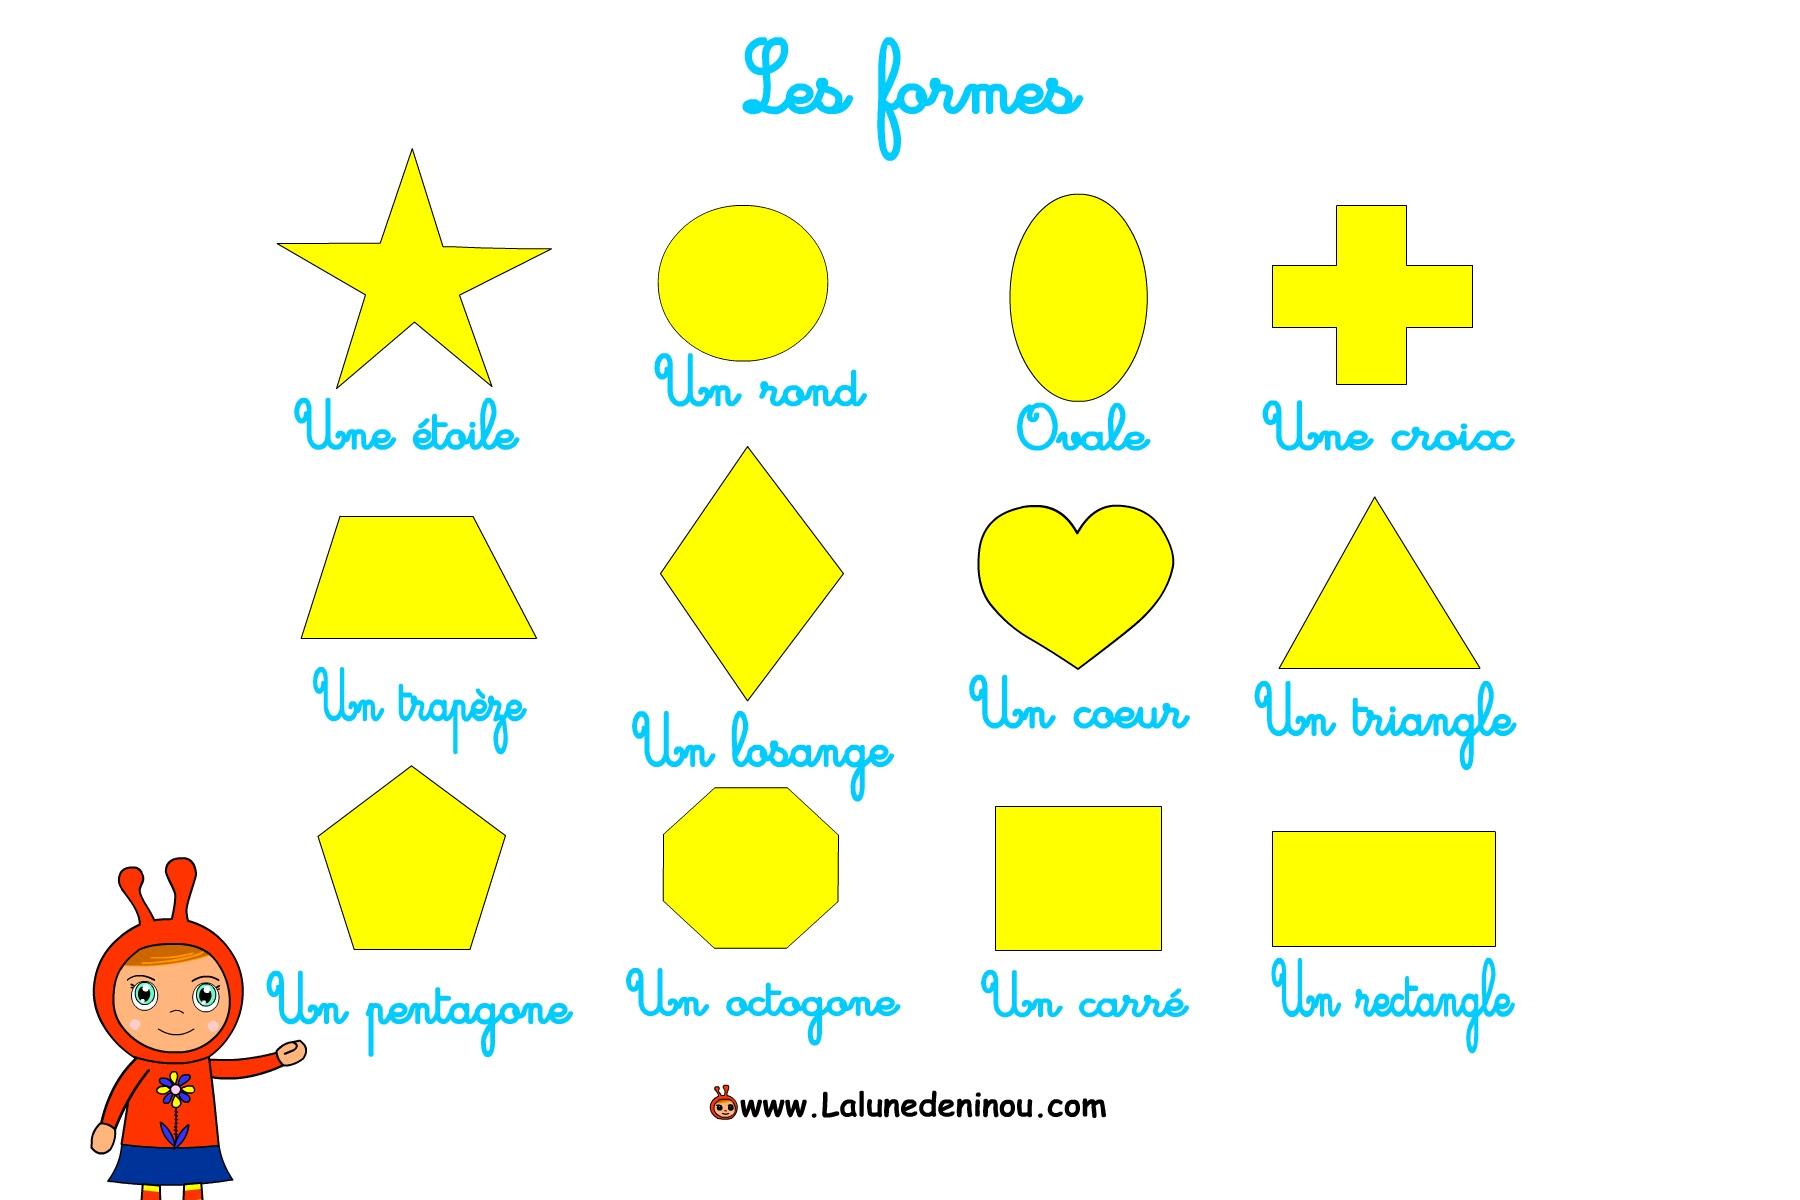 Dessus Coloriage formes Geometriques Imprimer | Imprimer et Obtenir une Coloriage Gratuit Ici